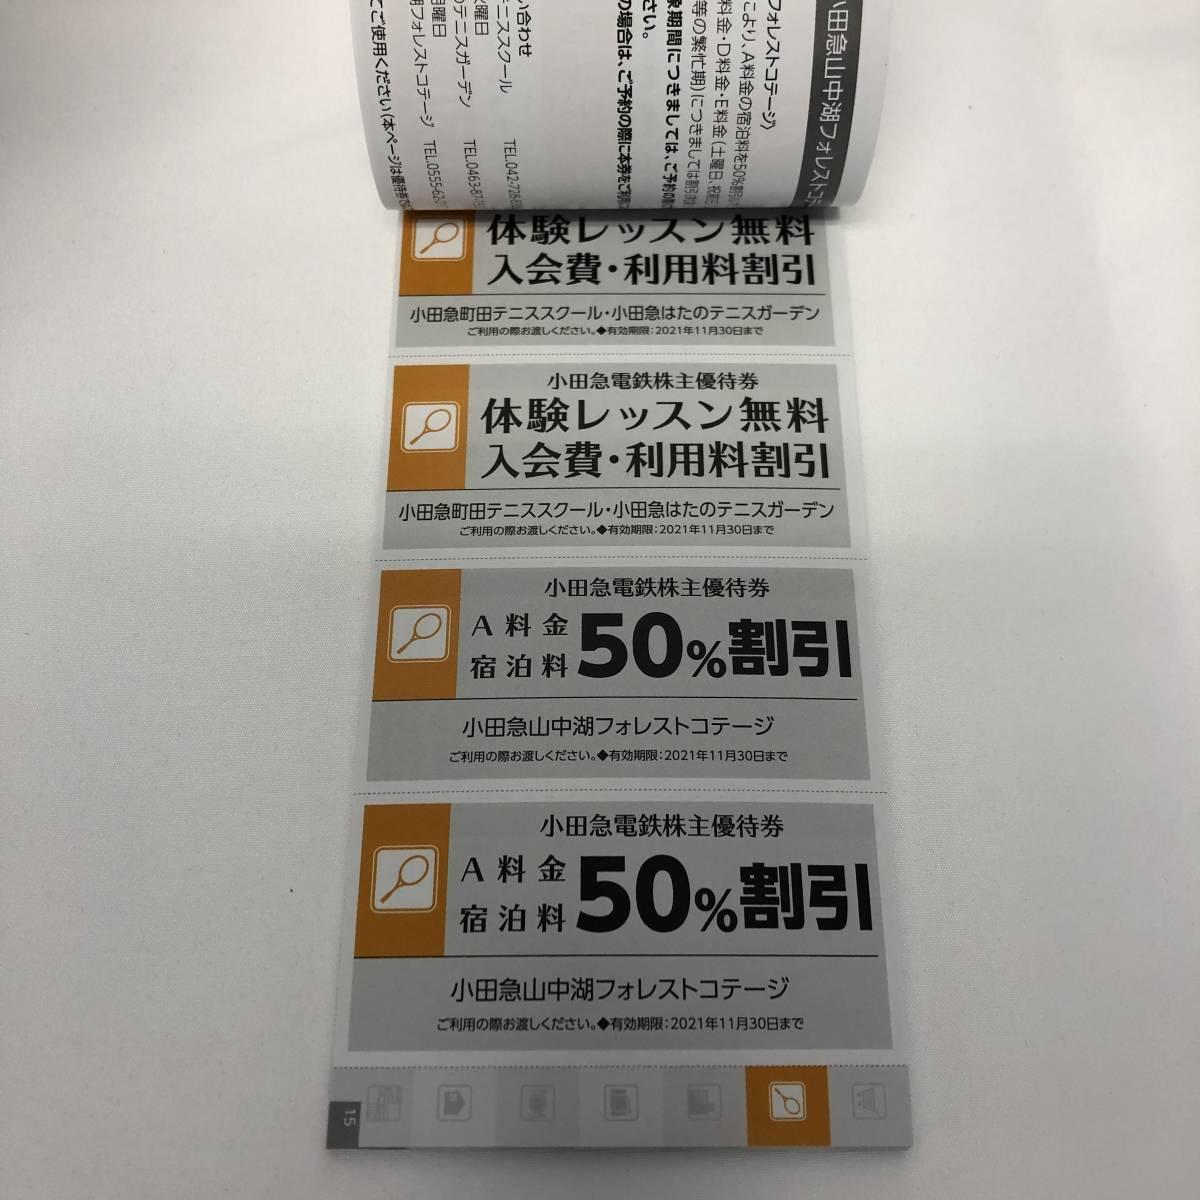 【975192】小田急電鉄 株主優待 冊子 2021年11月30日まで_画像7